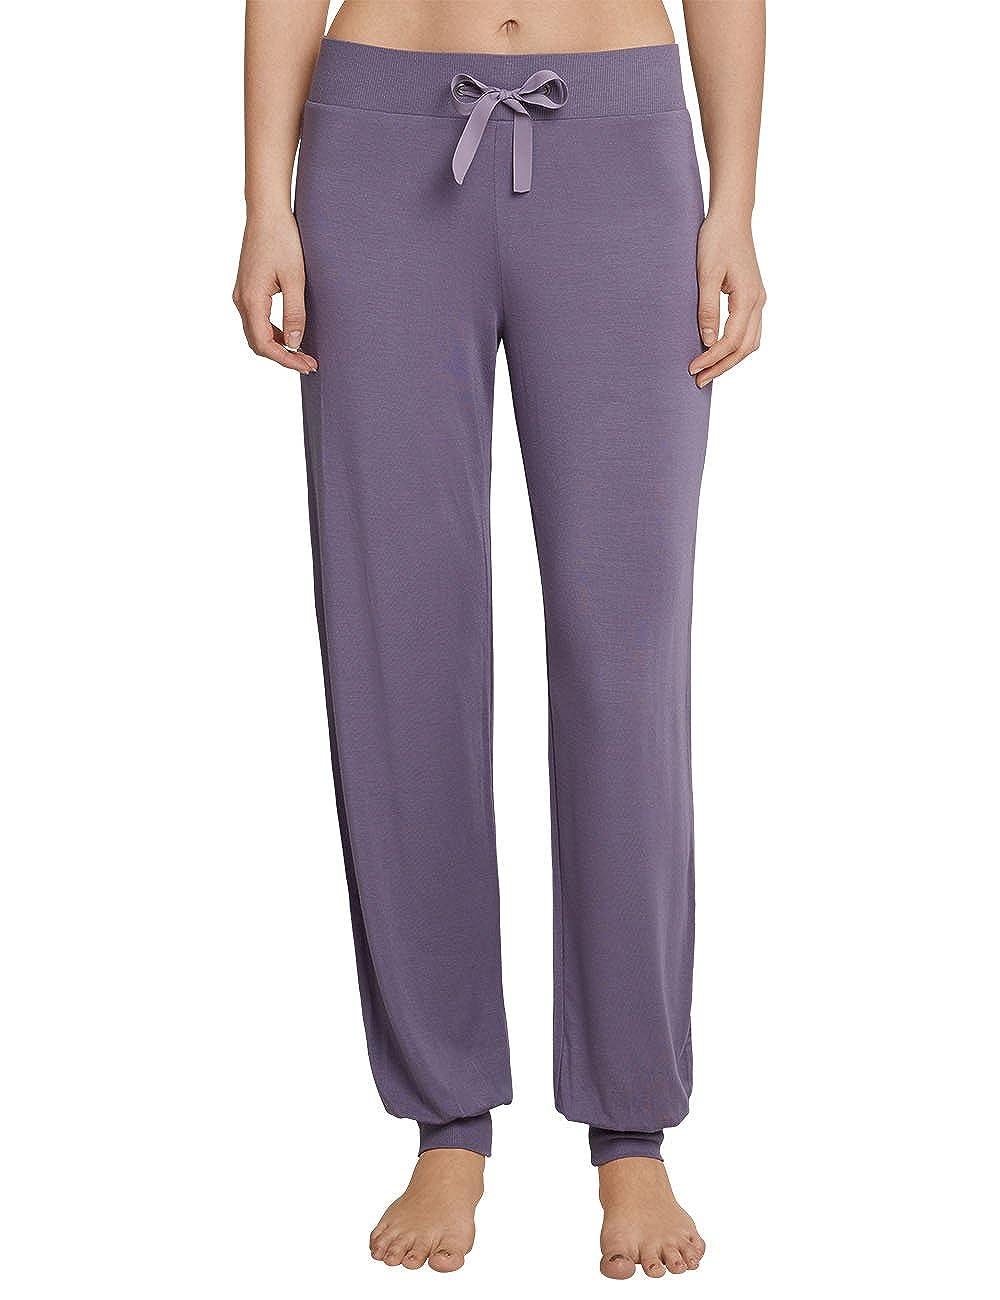 Schiesser Mix & Relax Jerseyhose Lang, Pantalones de Pijama para Mujer